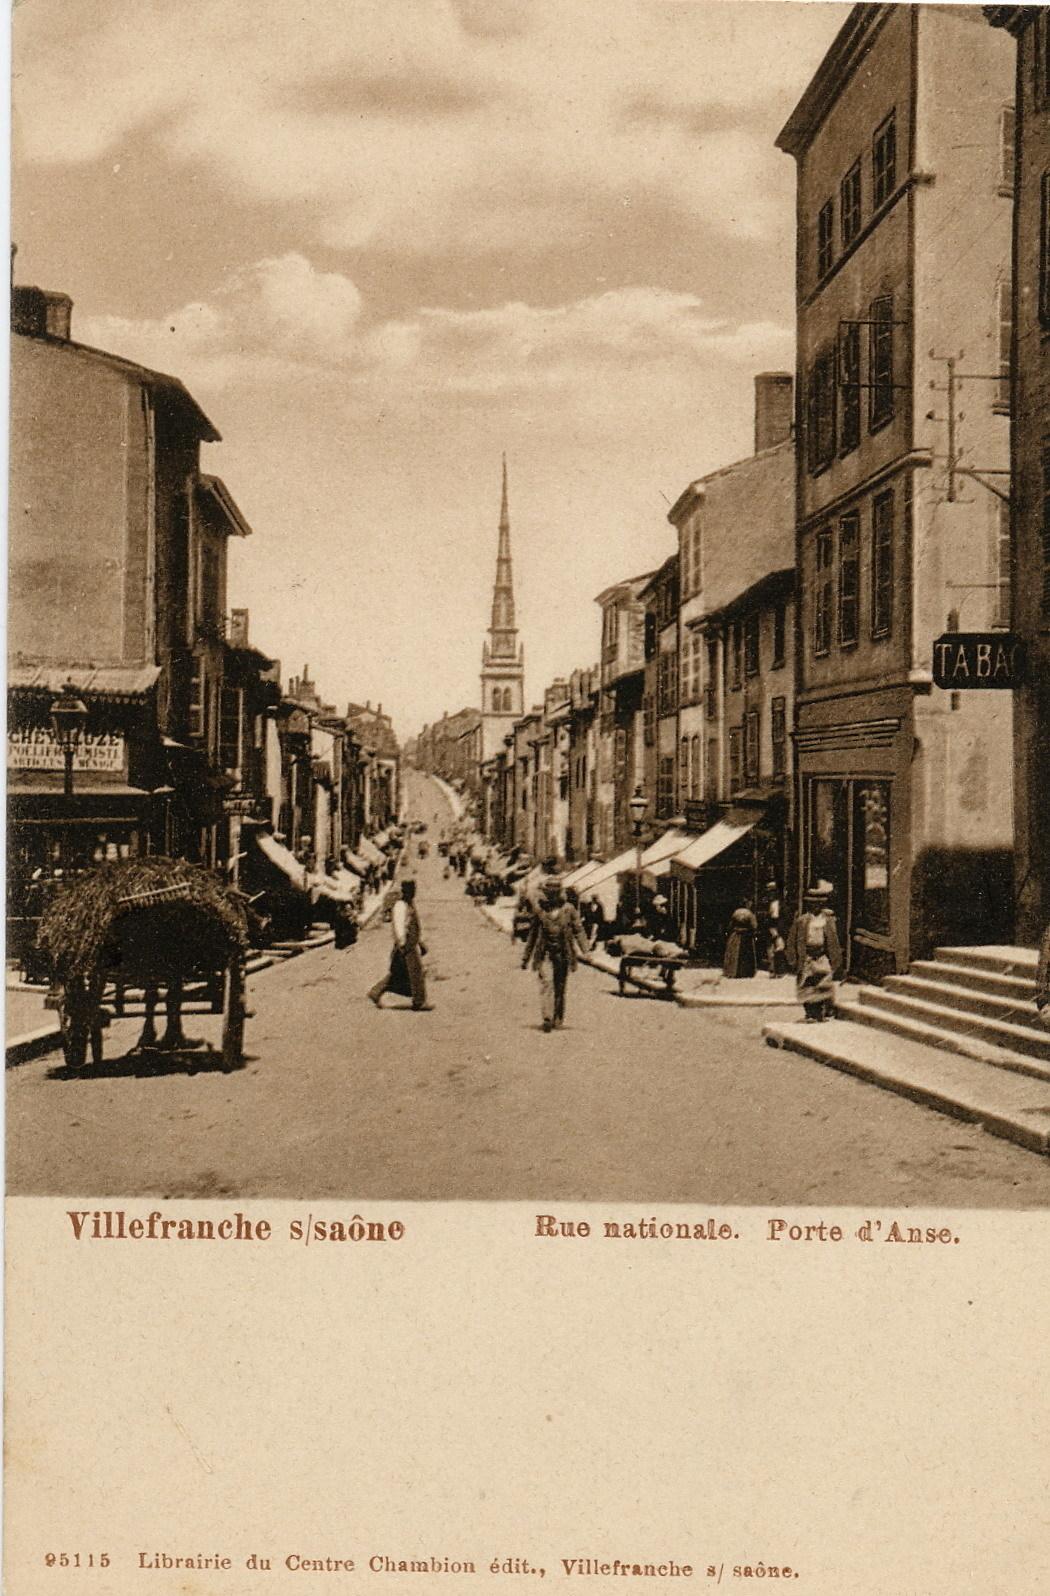 application pour rencontre gay à Villefranche-sur-Saône